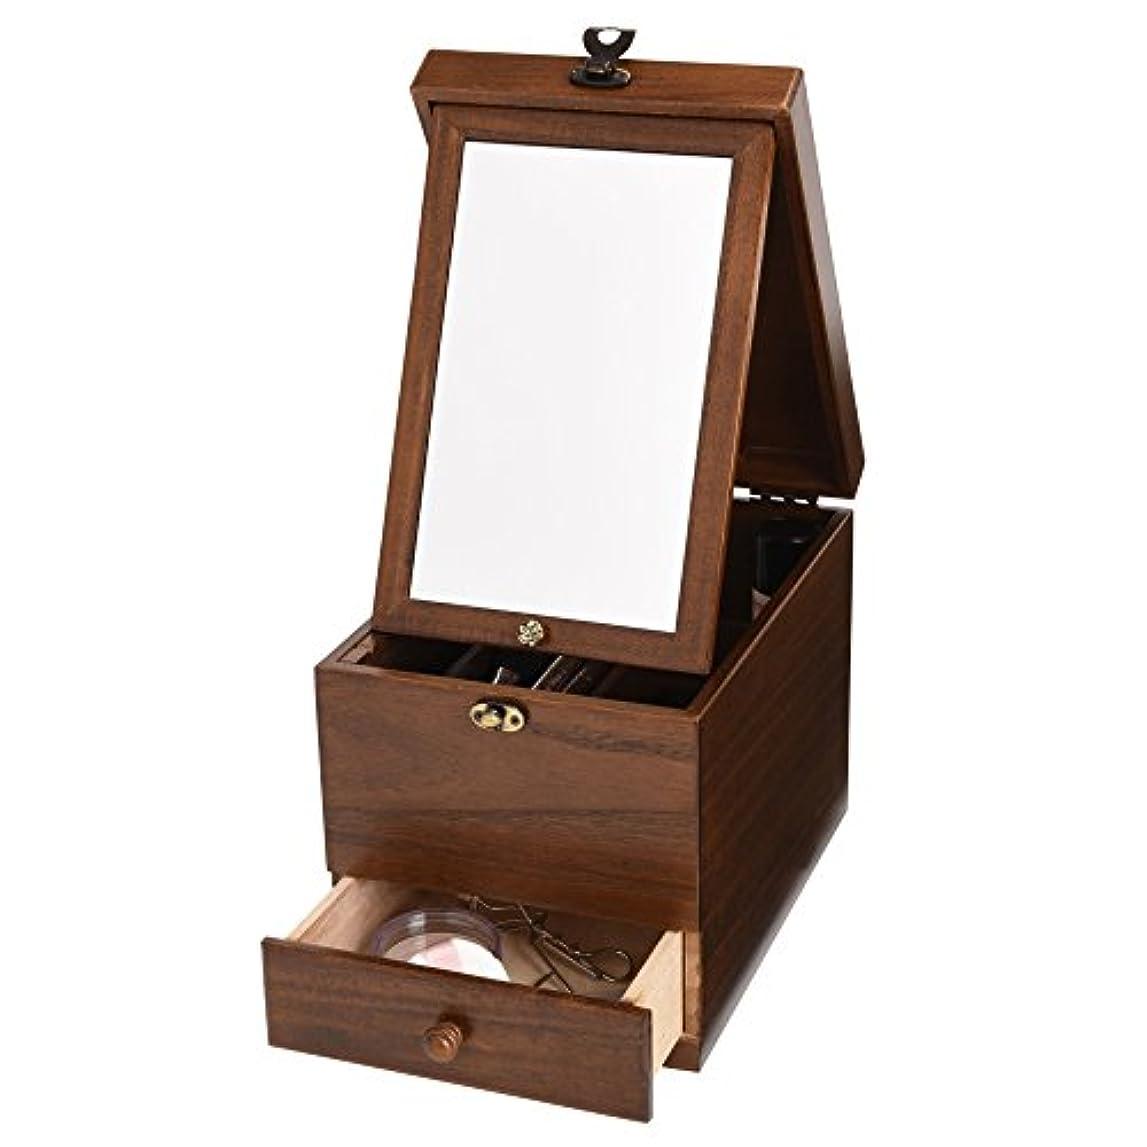 写真撮影マニュアルドロー木製コスメボックス 引き出し 鏡付き 収納 メイクボックス 化粧ボックス 日本製